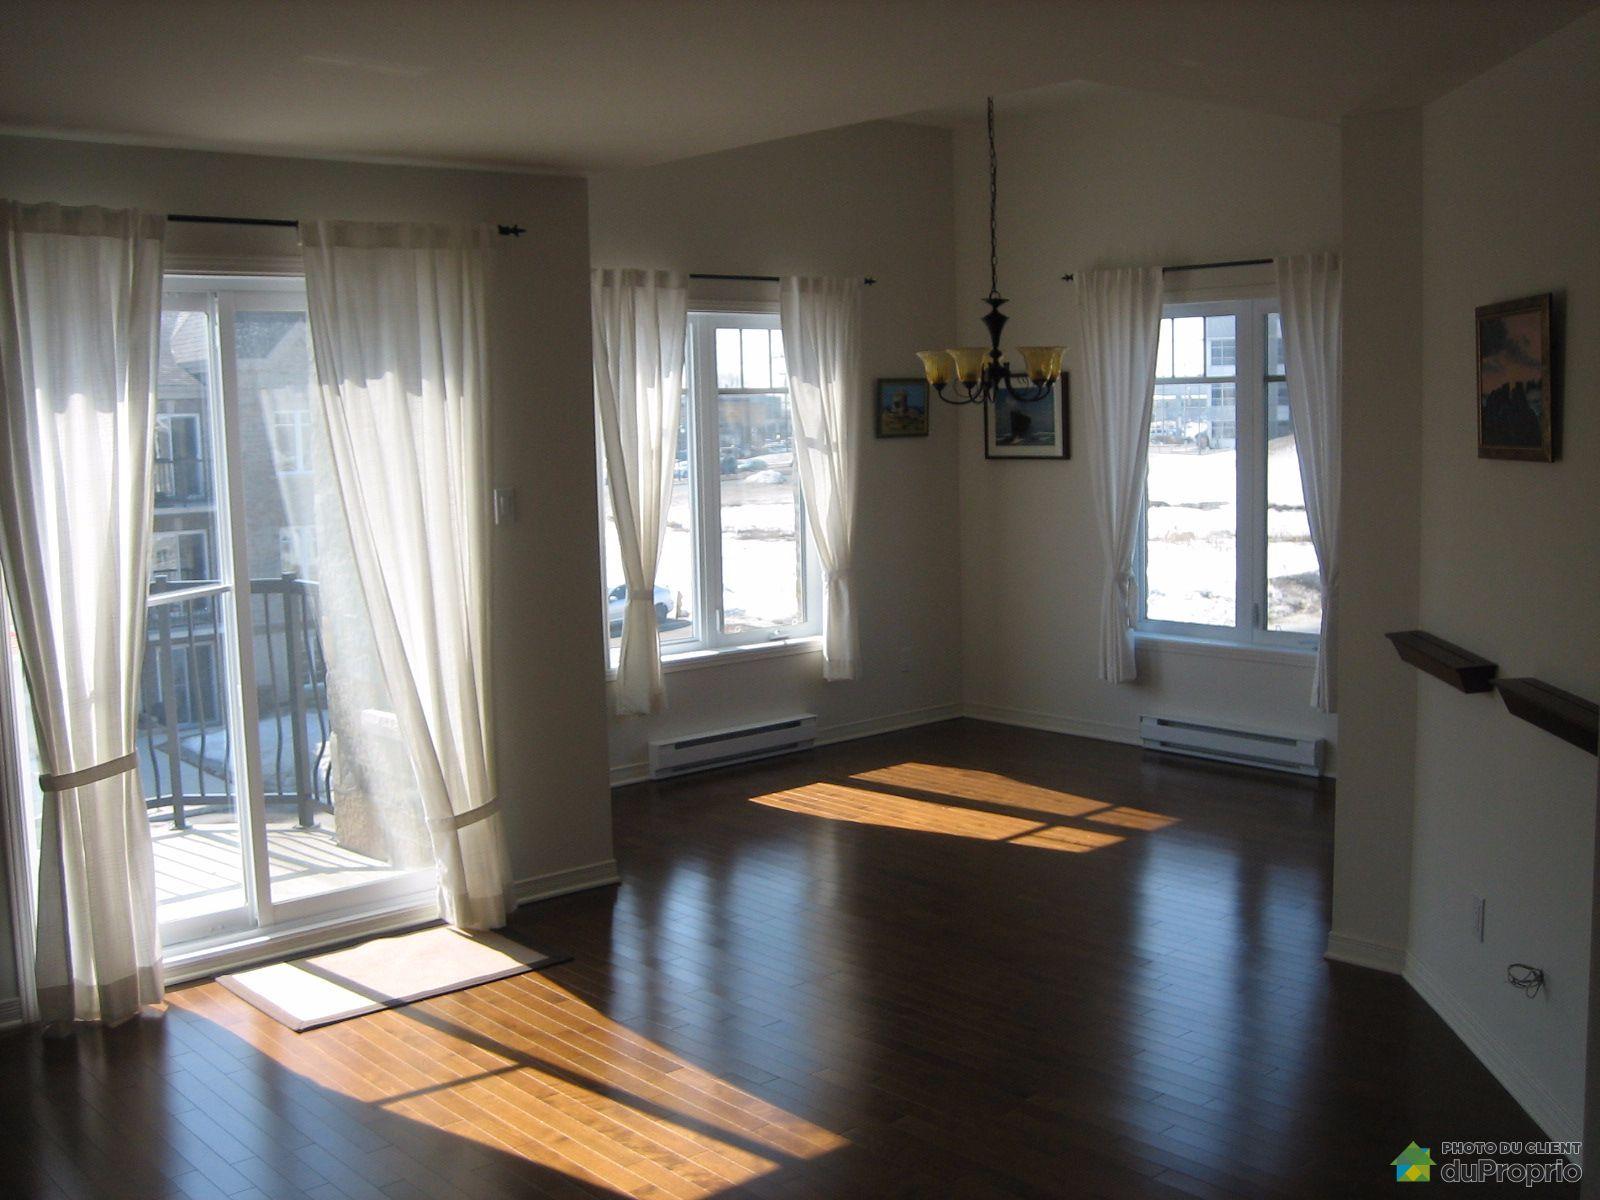 Condo vendre st eustache 5 67 rue marie victorin for Chambre a louer st eustache